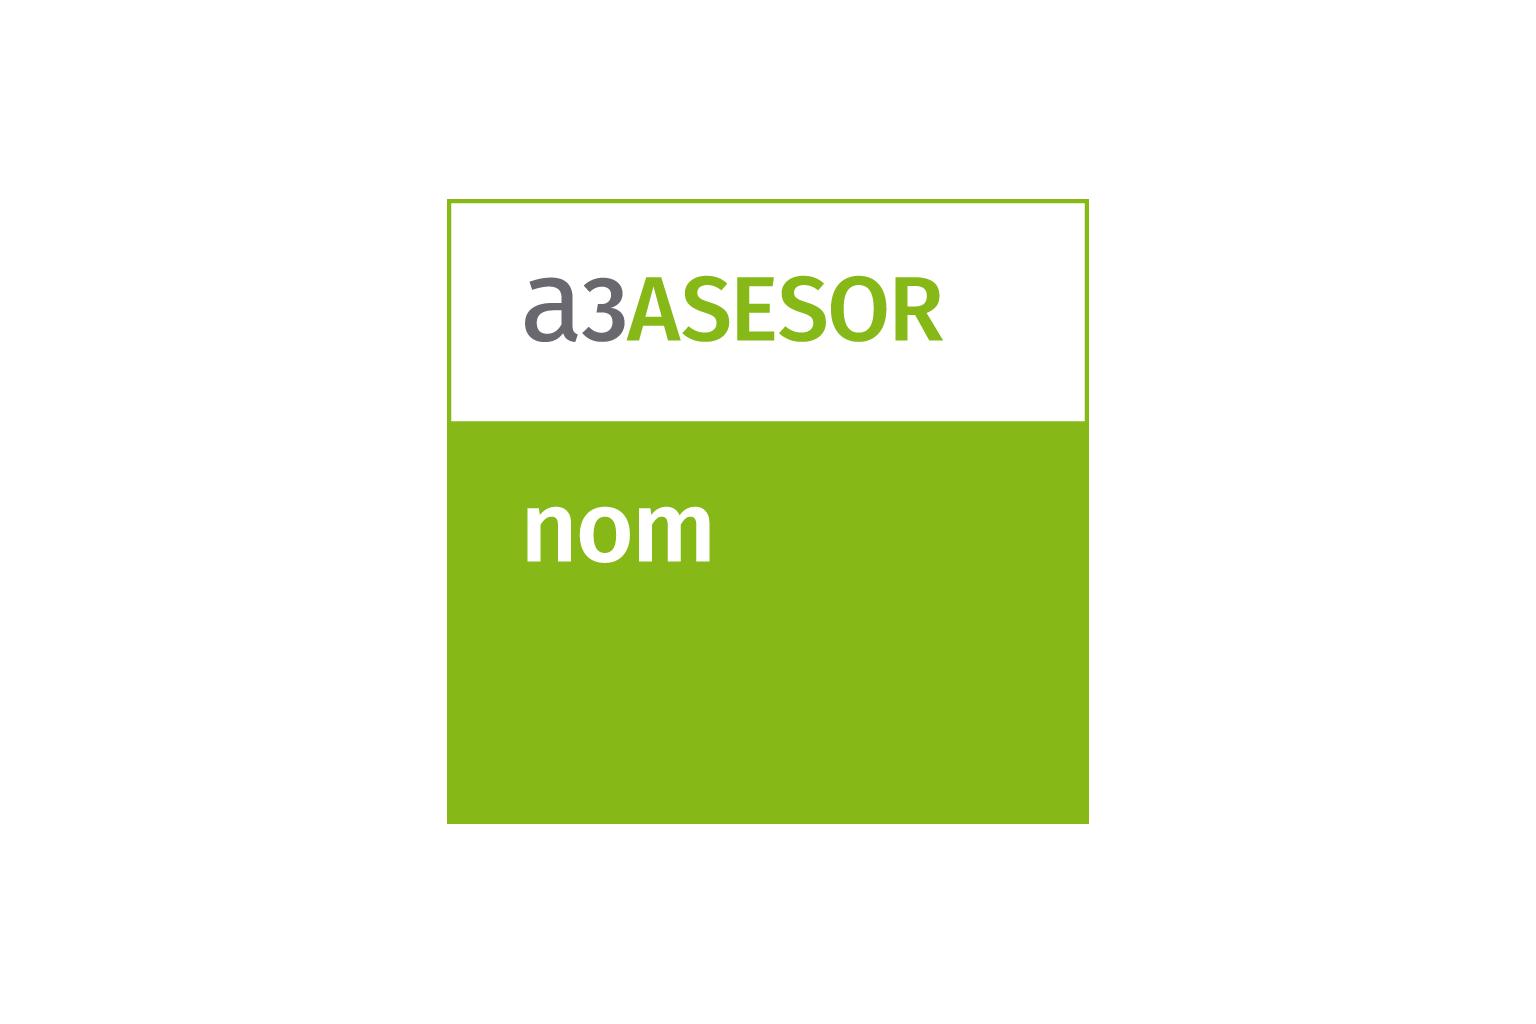 a3ASESOR-nom-1